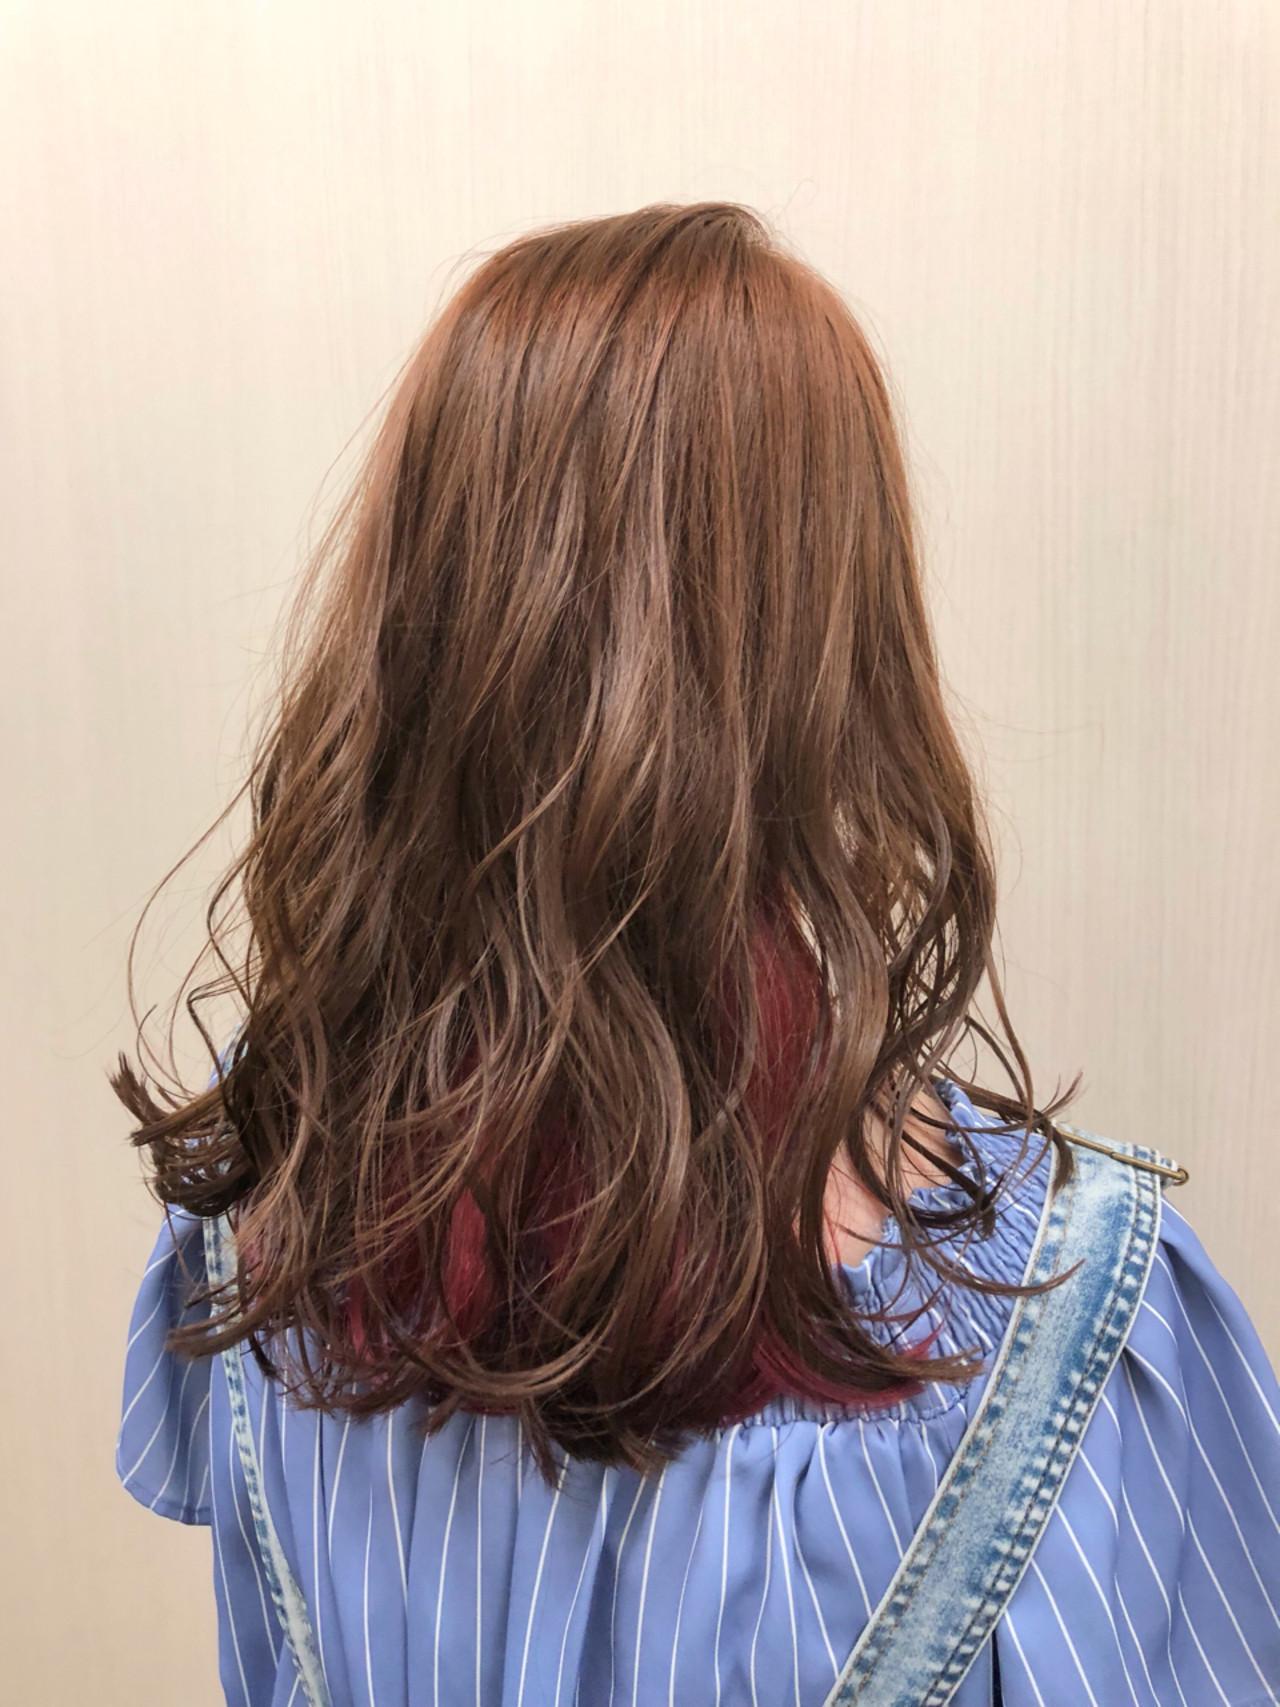 髪色から秋めいて。最新トレンドは「レッドブラウン」のヘアカラー♡の12枚目の画像